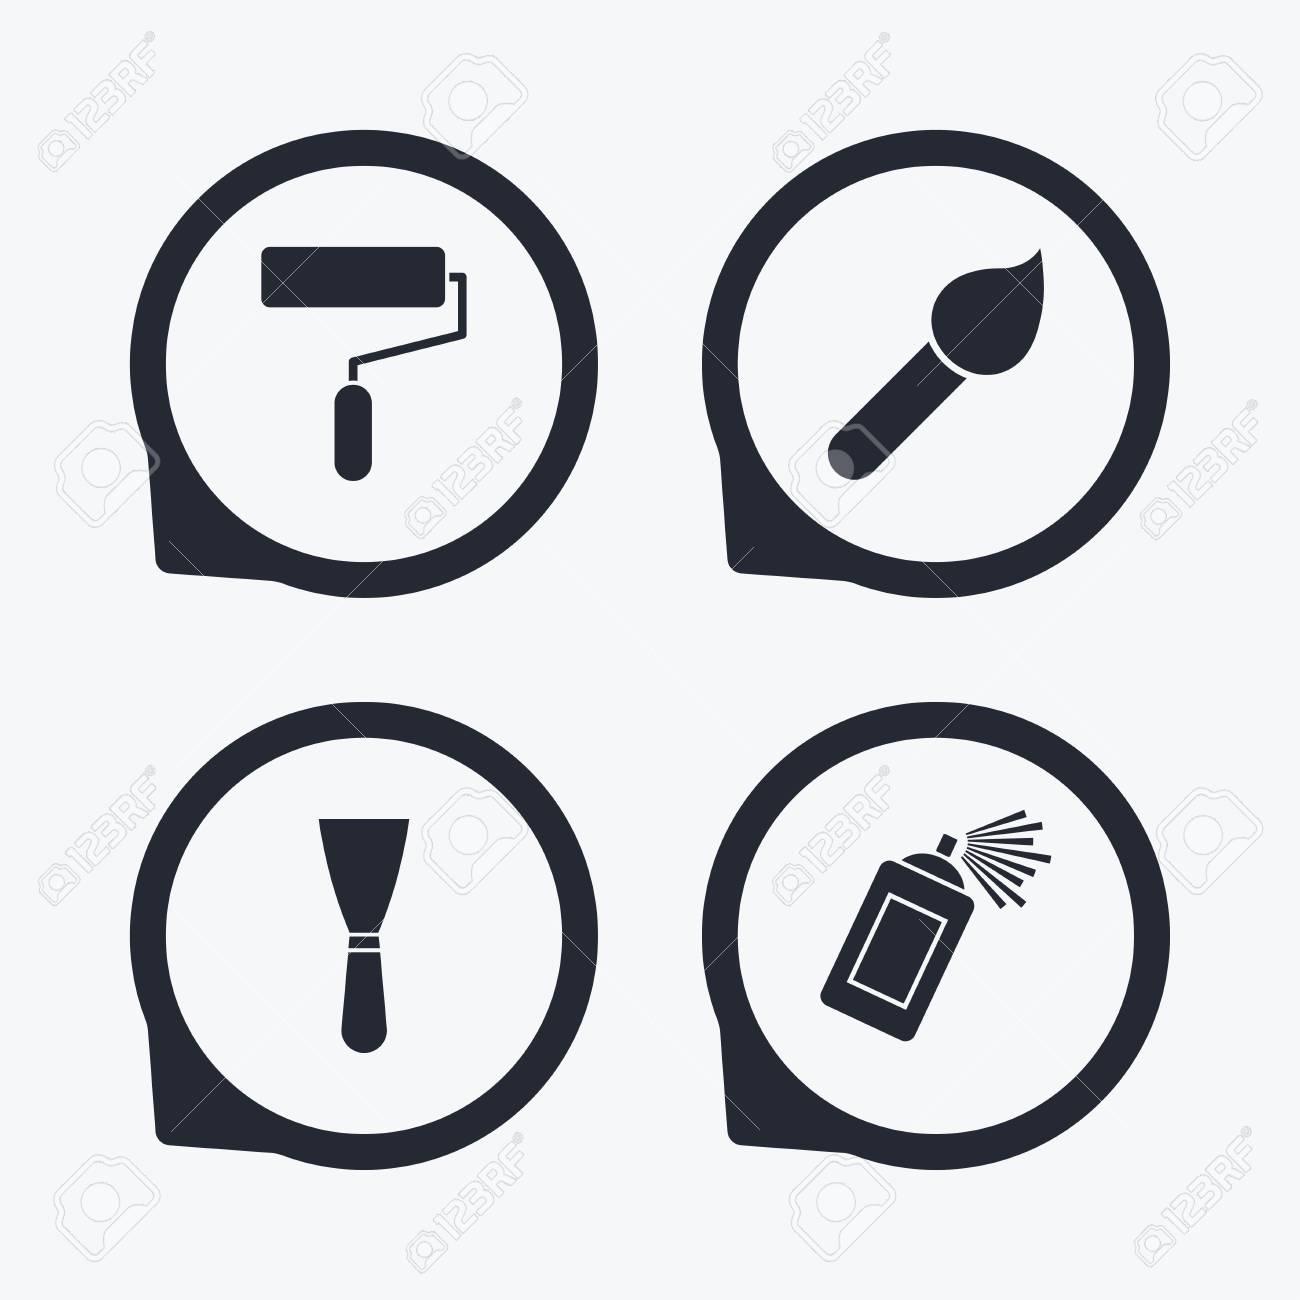 Rouleau De Peinture Icones De Pinceau Spray Peut Et Spatule Signes Mur Outil De Reparation Et Le Symbole De La Peinture Flat Icon Pointeurs Clip Art Libres De Droits Vecteurs Et